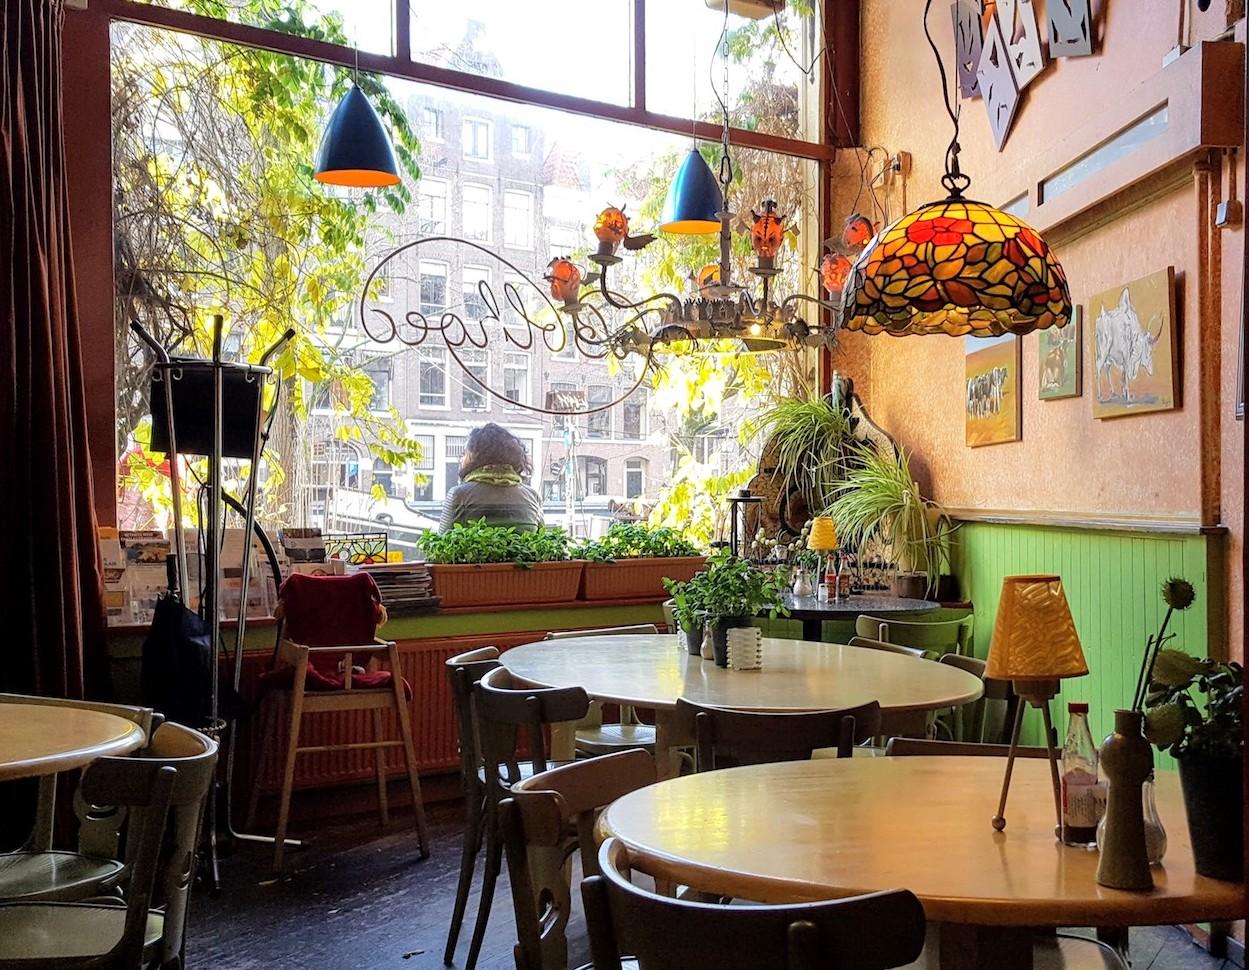 Mangiare ad Amsterdam in tre ristoranti insoliti